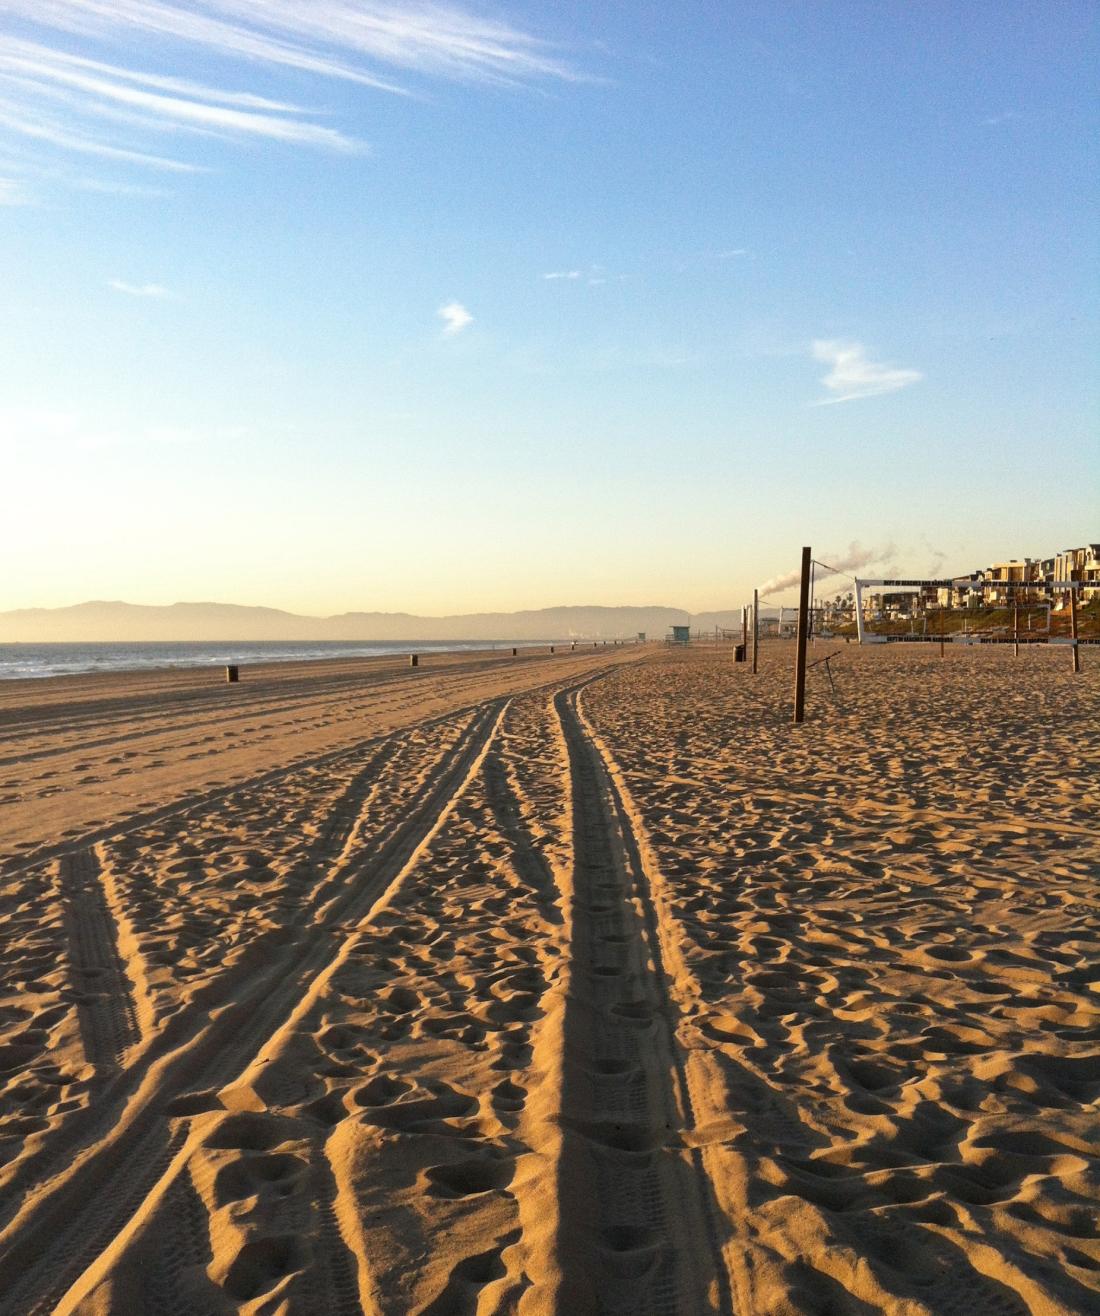 golden-hour-manhattan-beach-feb-2013